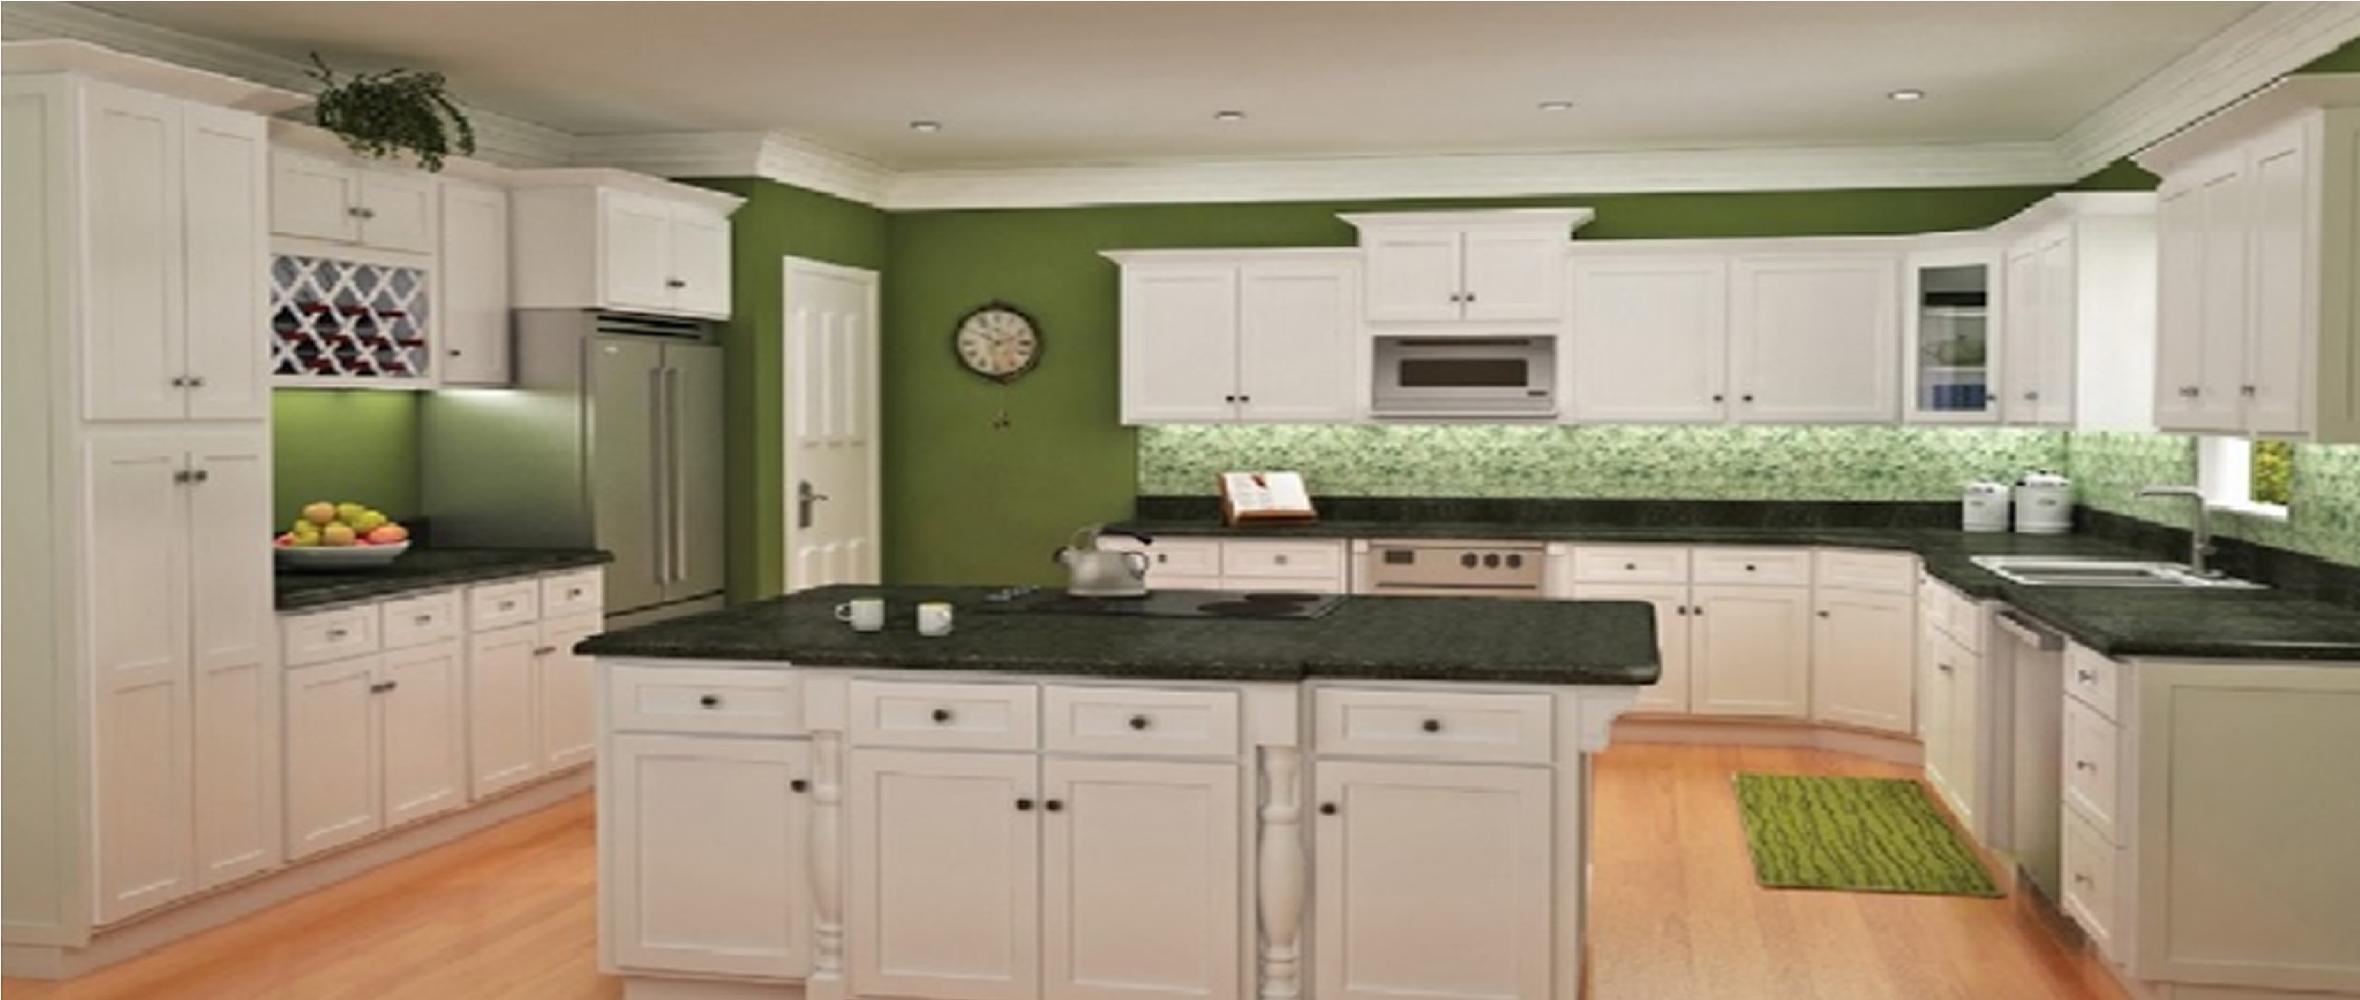 High Quality Cabinets Granite Countertops Lincoln Ne